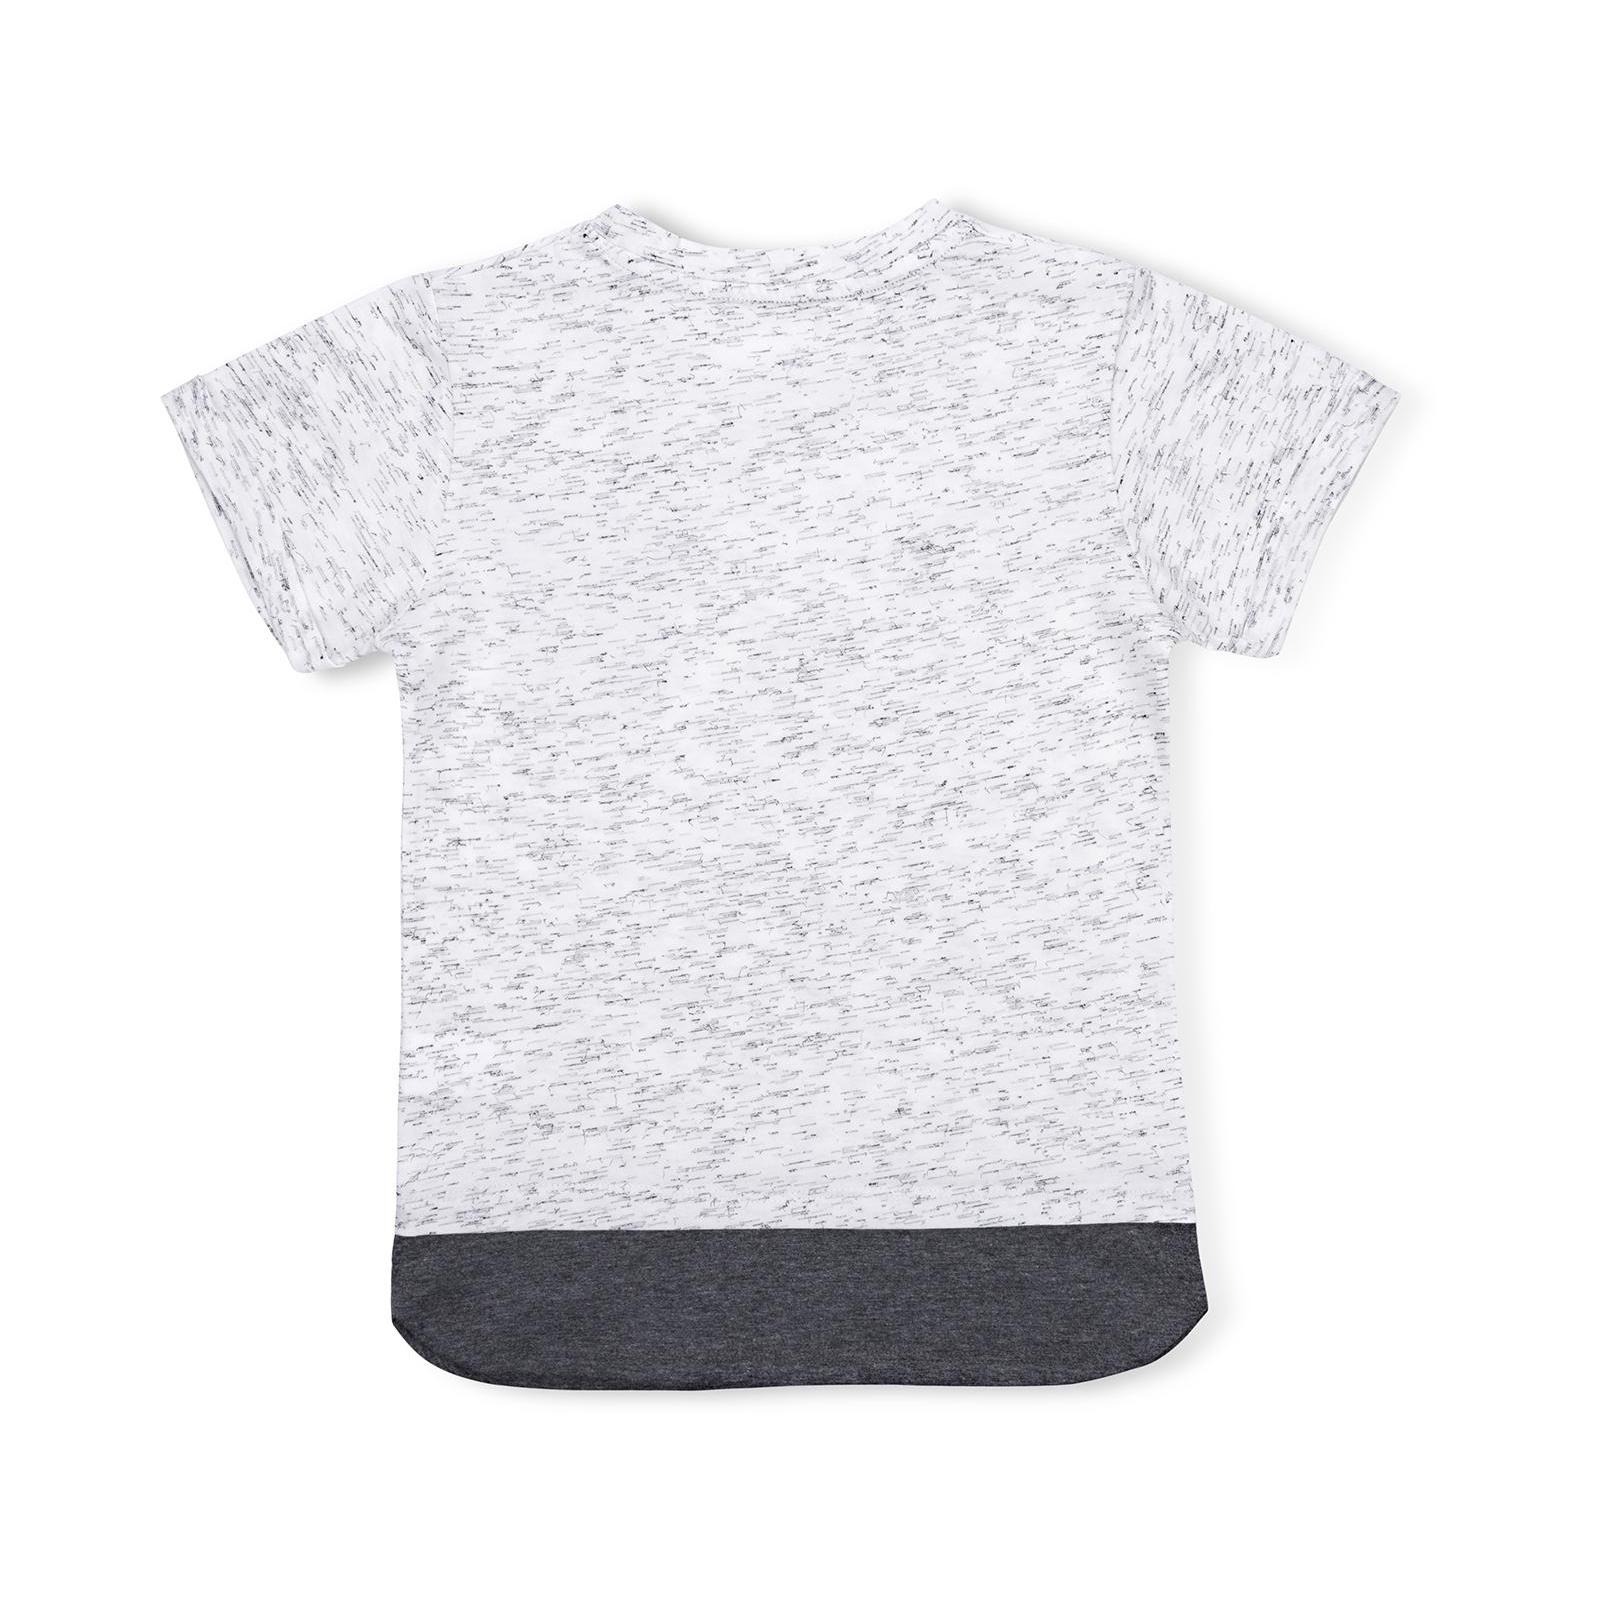 Футболка детская Breeze с карманчиком (11075-140B-gray) изображение 2